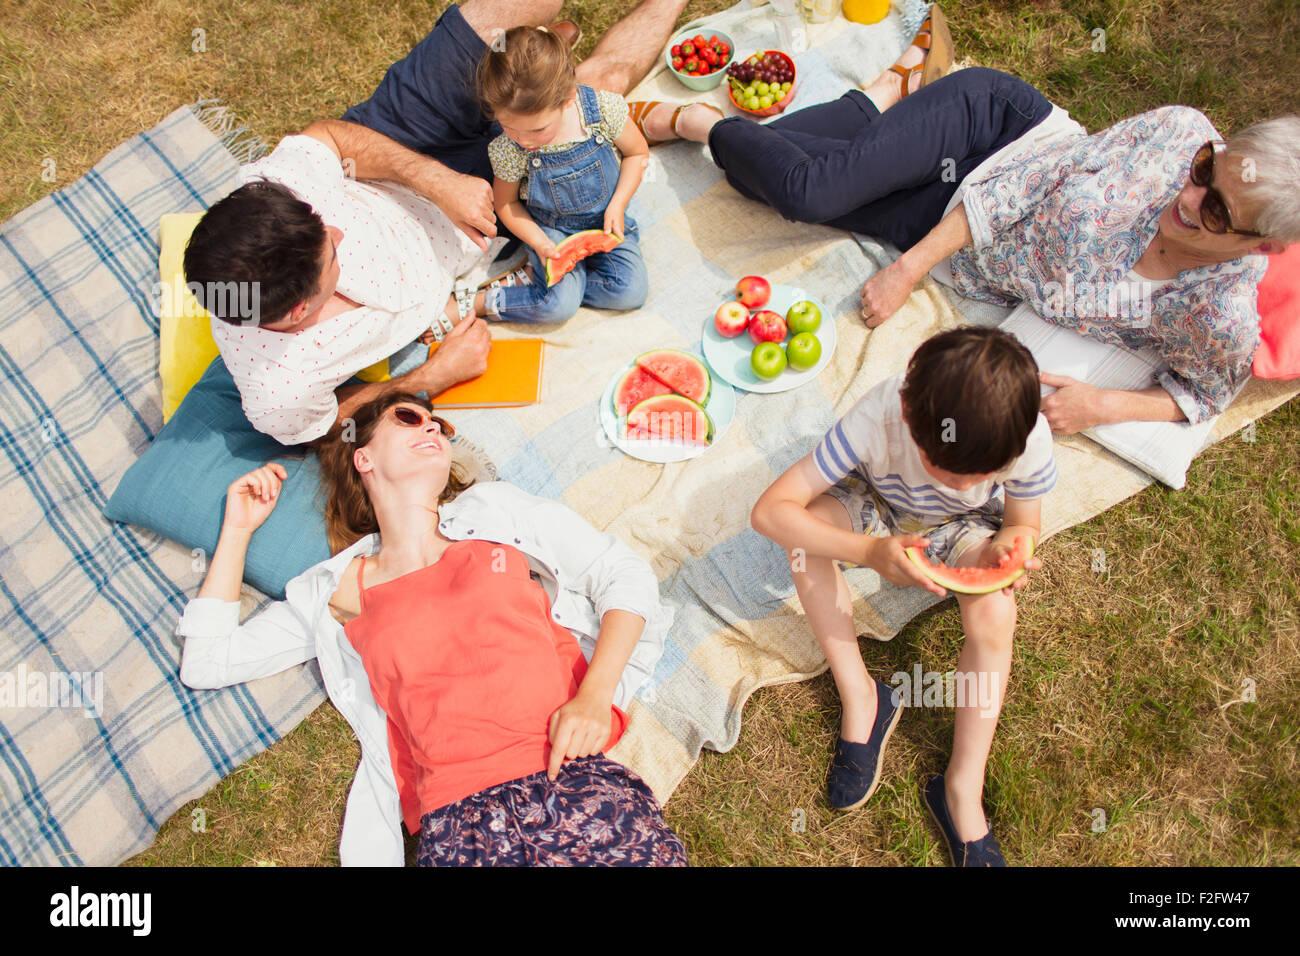 Vue aérienne multi-generation family enjoying pique-nique d'été Photo Stock